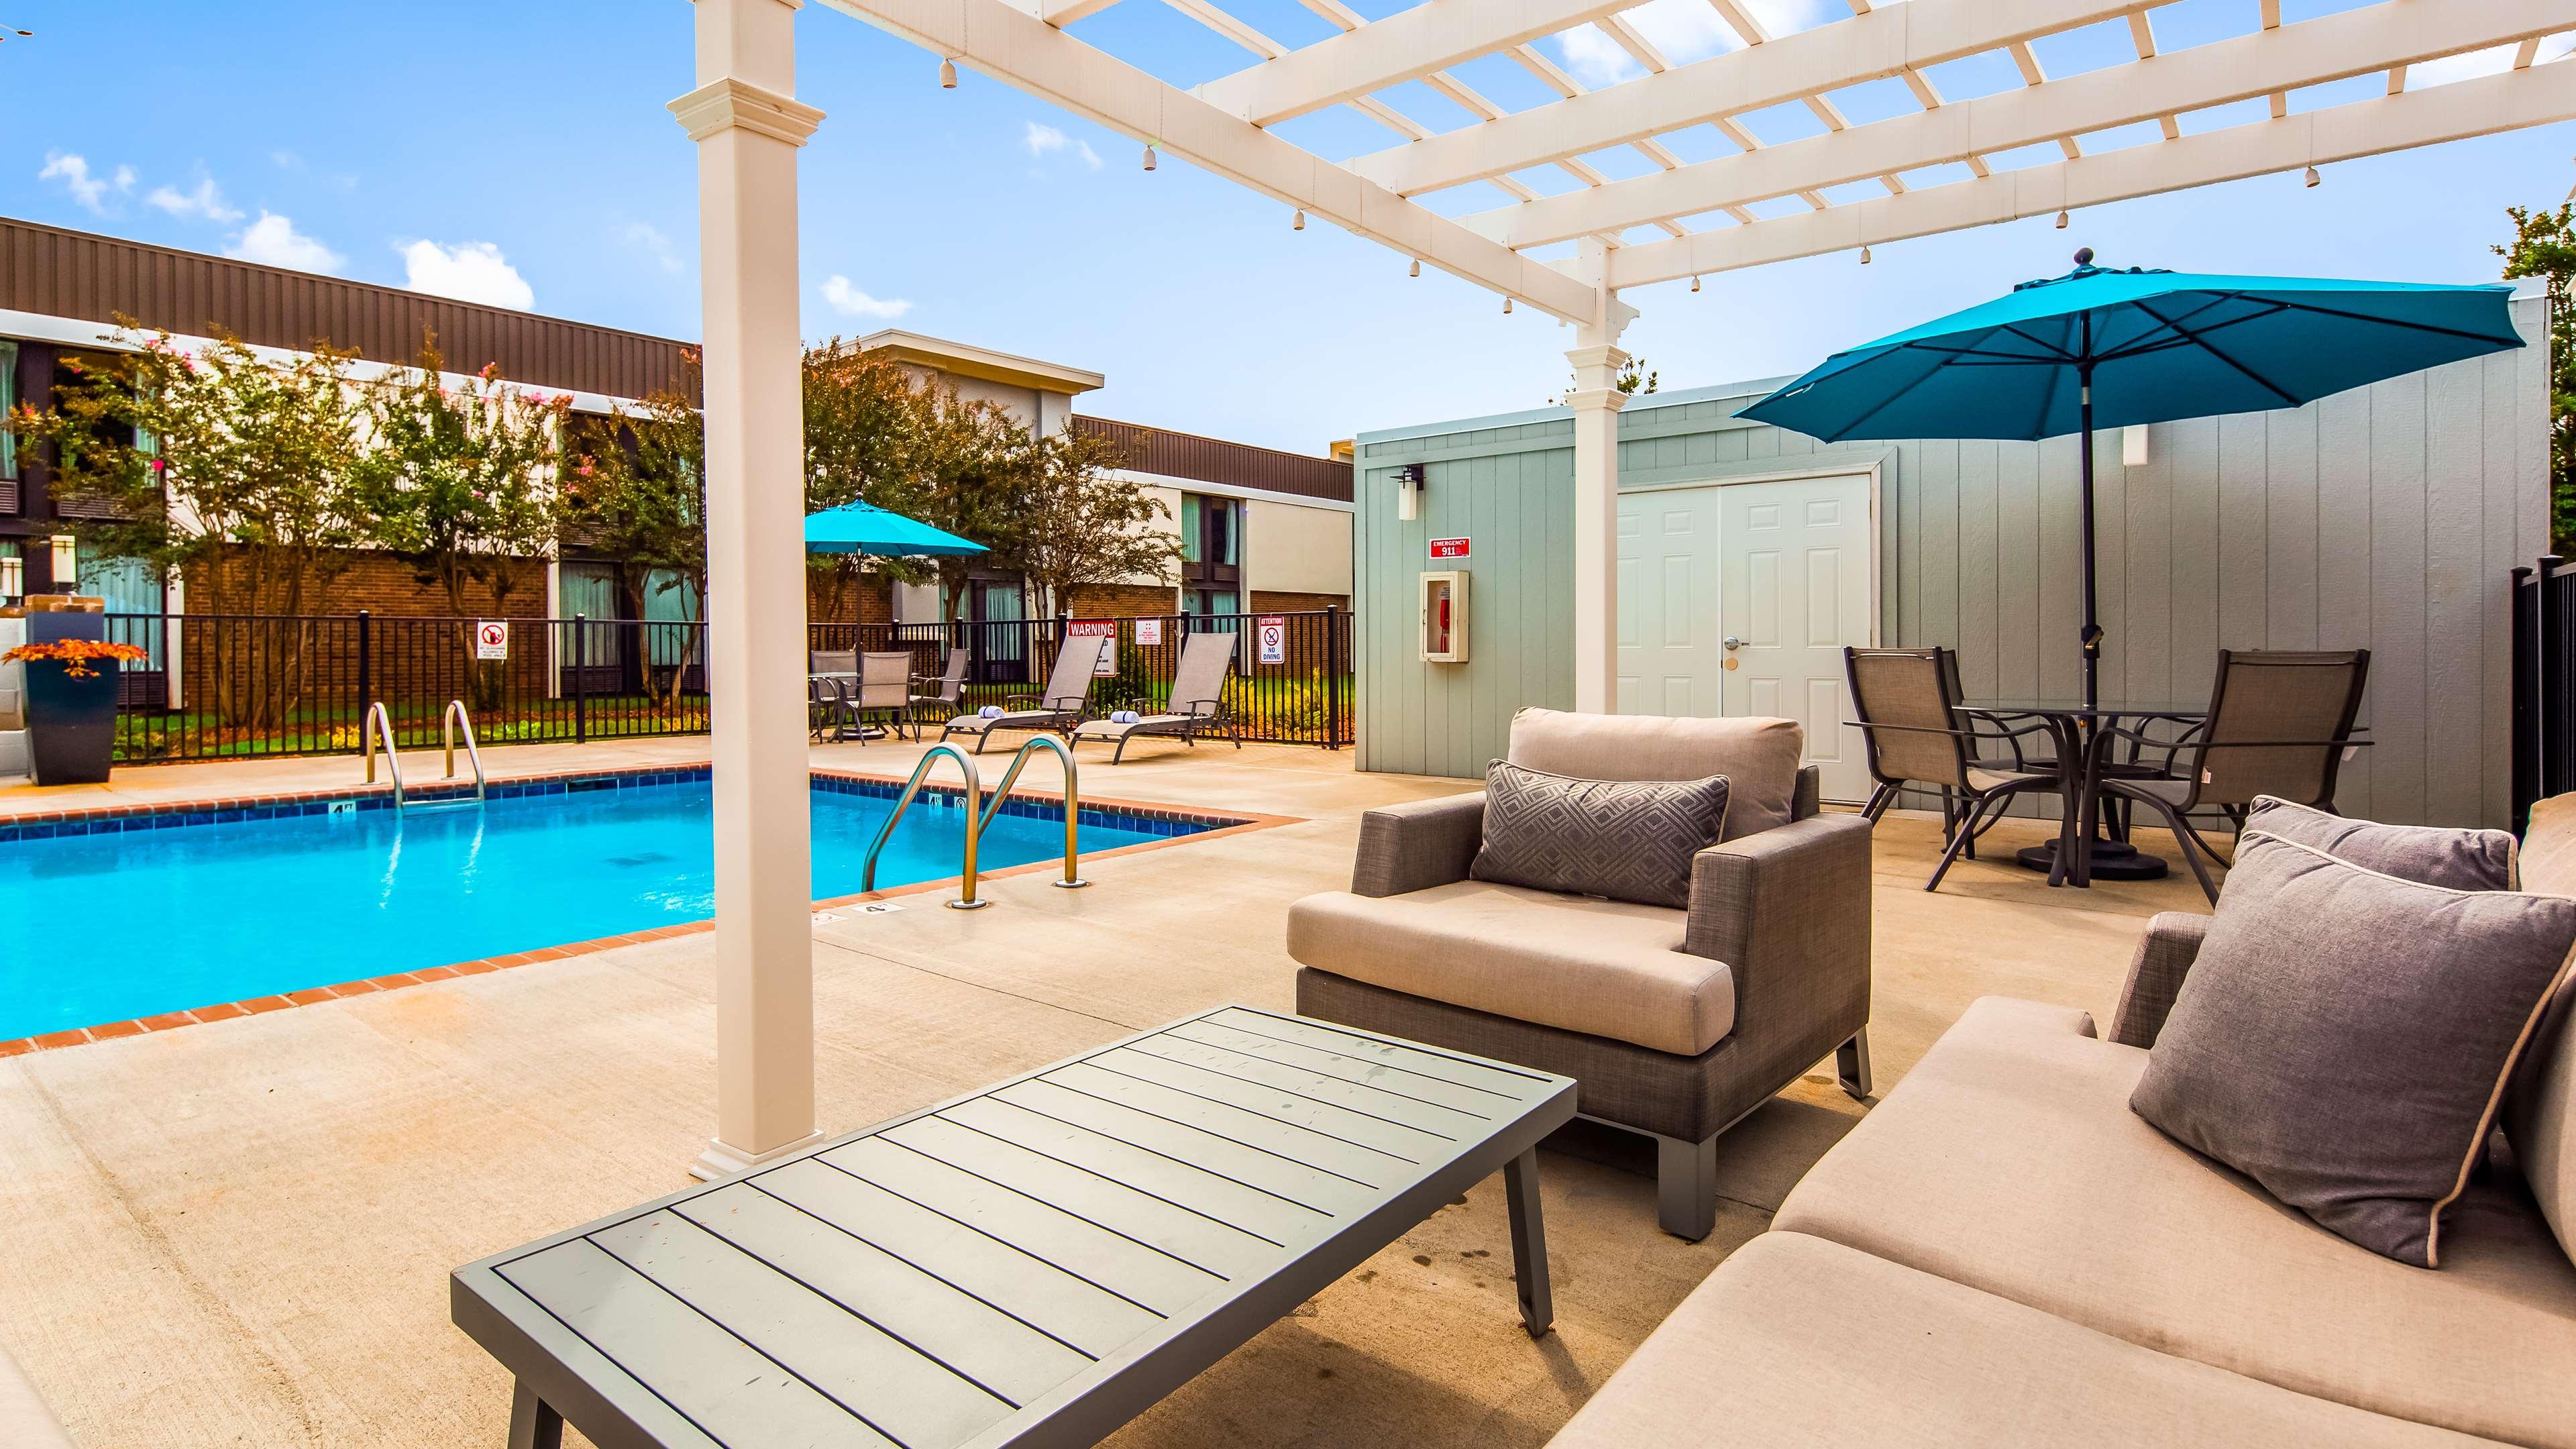 Best Western Plus Yadkin Valley Inn & Suites image 5